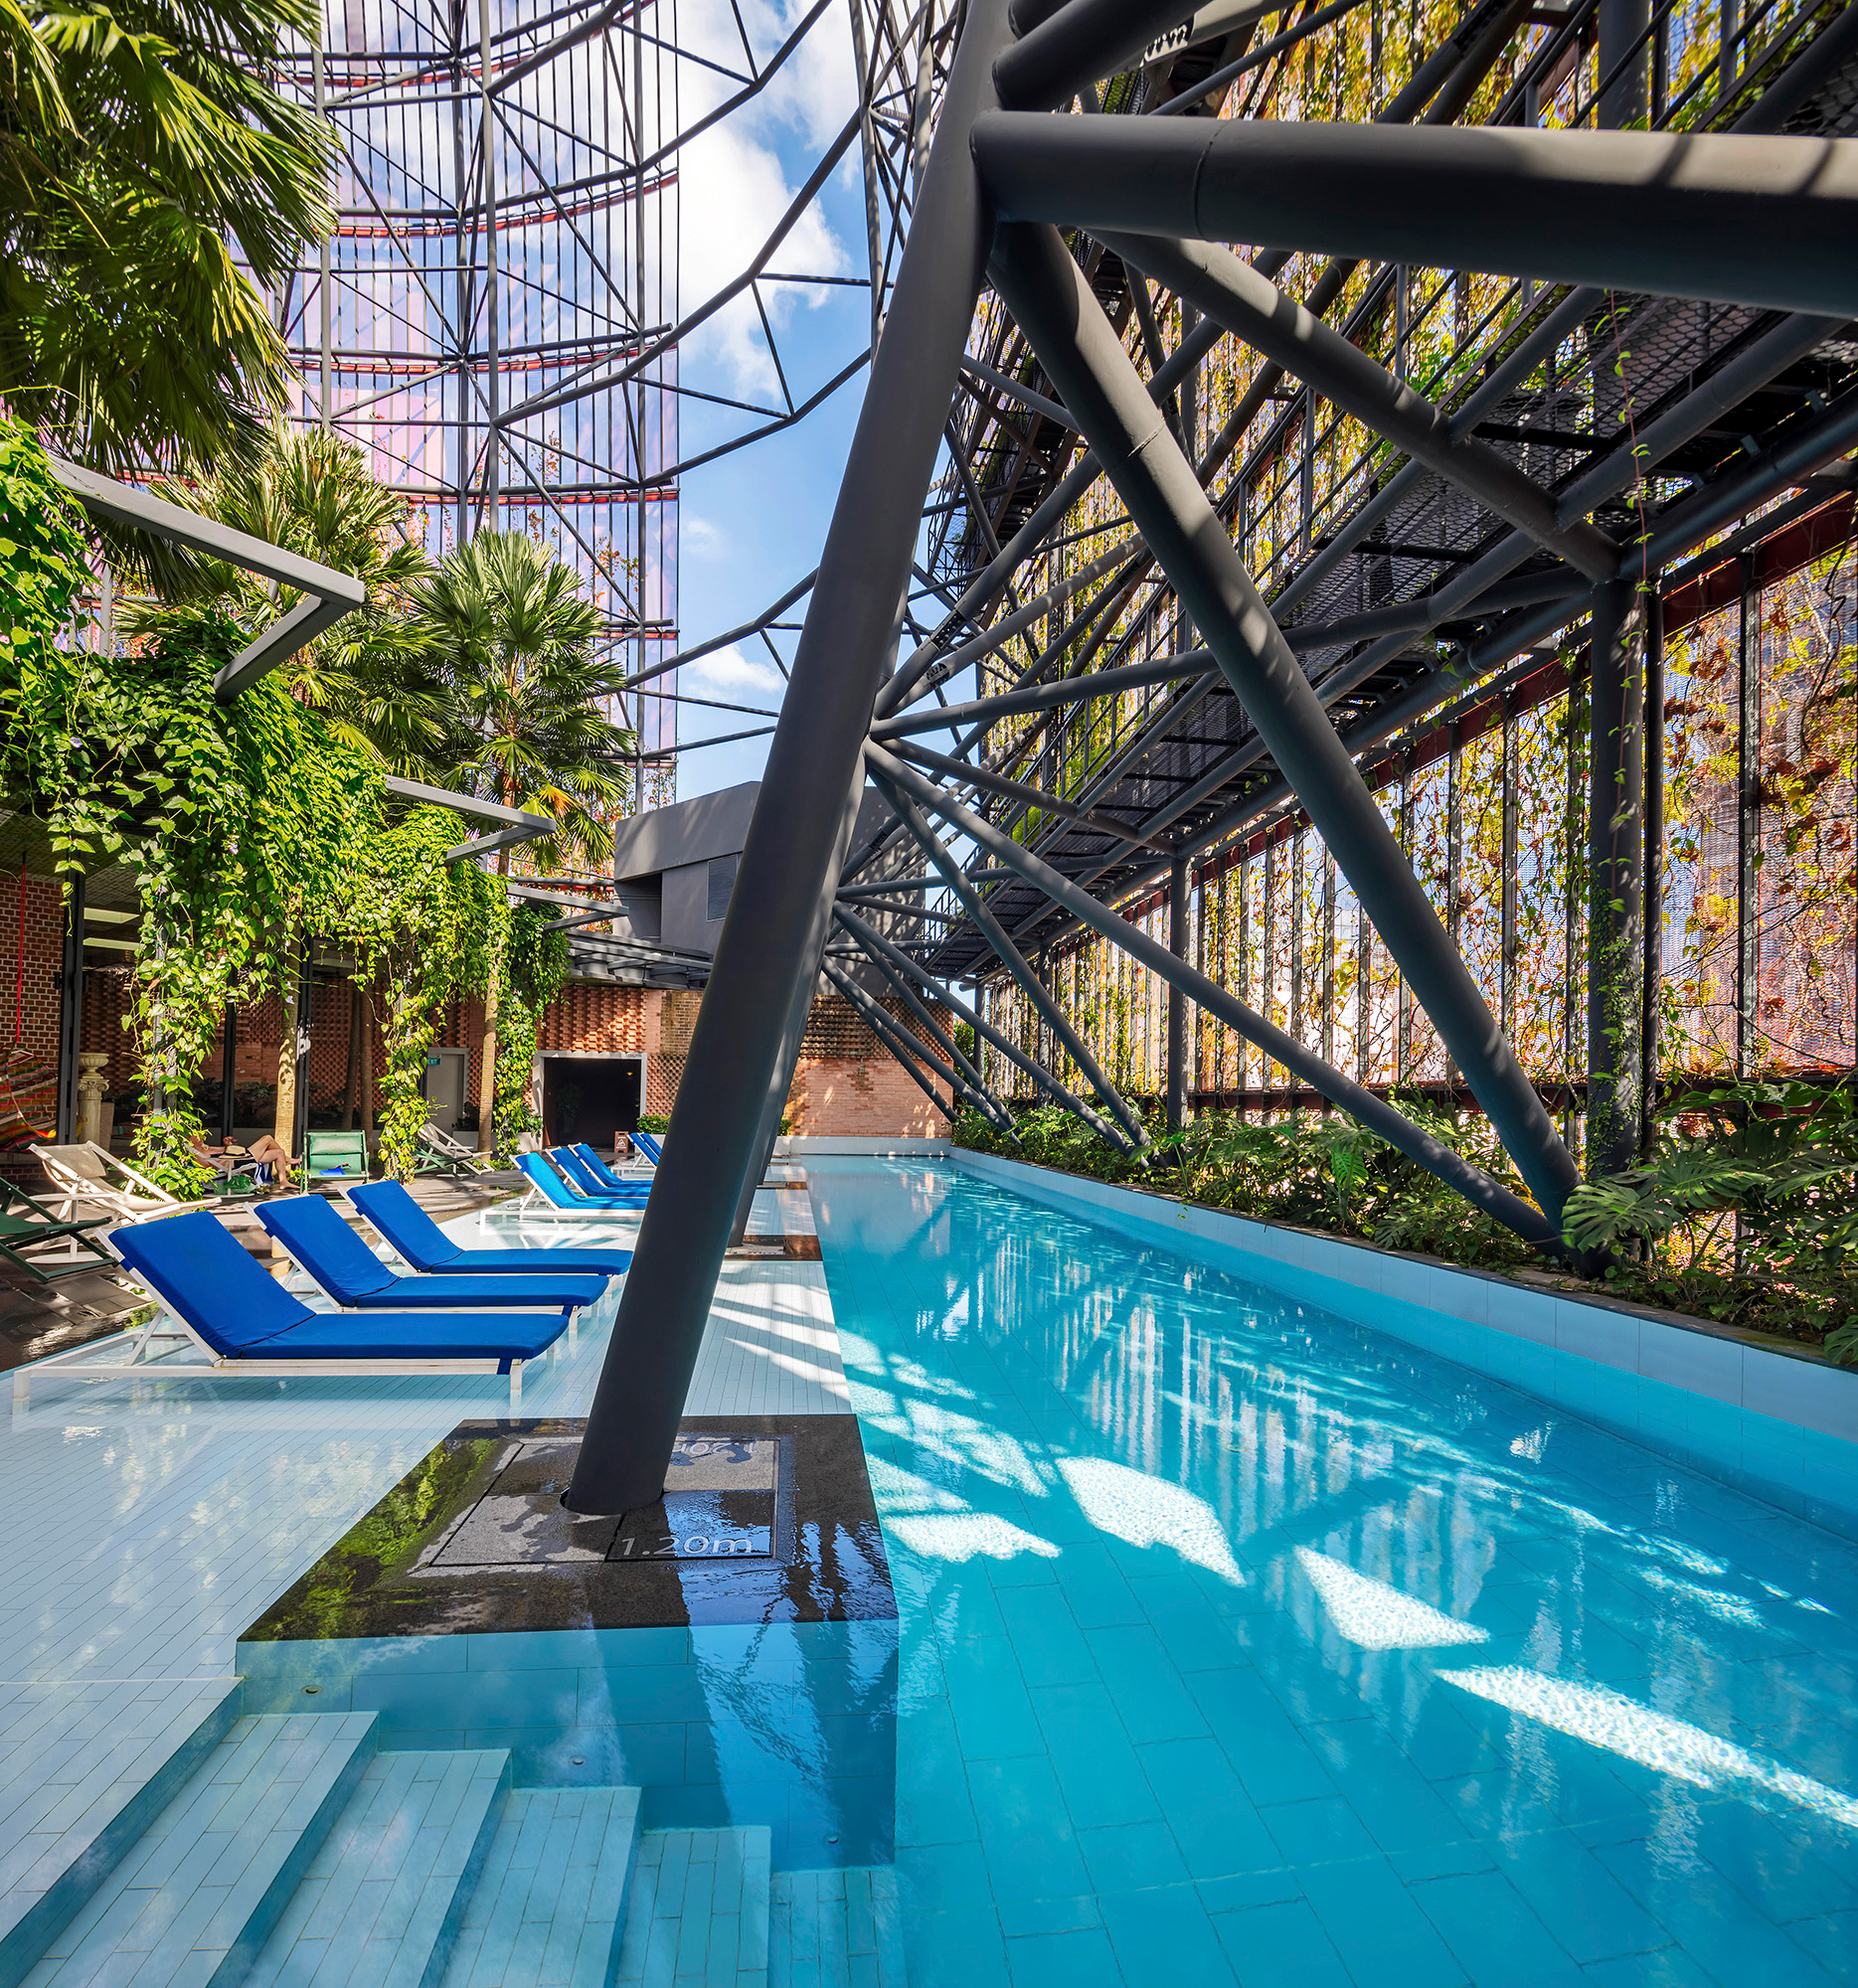 Oasia-hotel-singapore_motiv-12